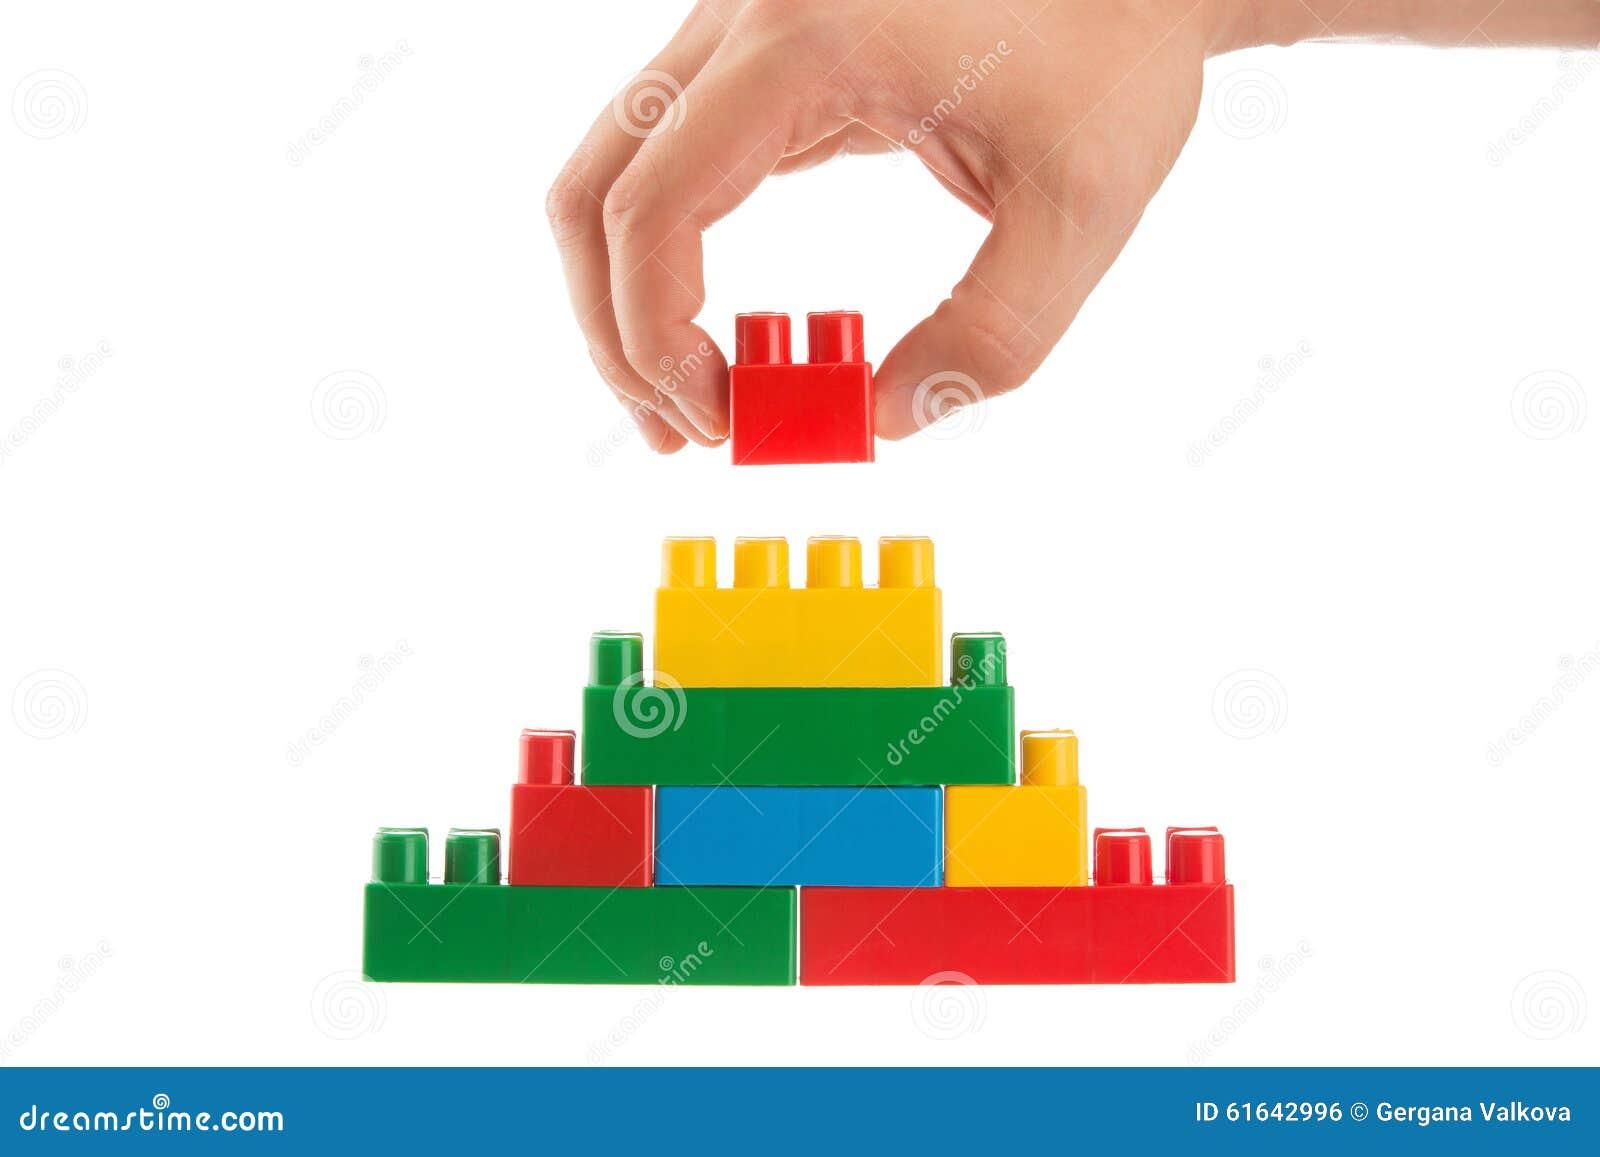 Übergeben Sie das Aufbauen einer Wand, indem Sie herauf lego, Geschäftskonzeption stapeln